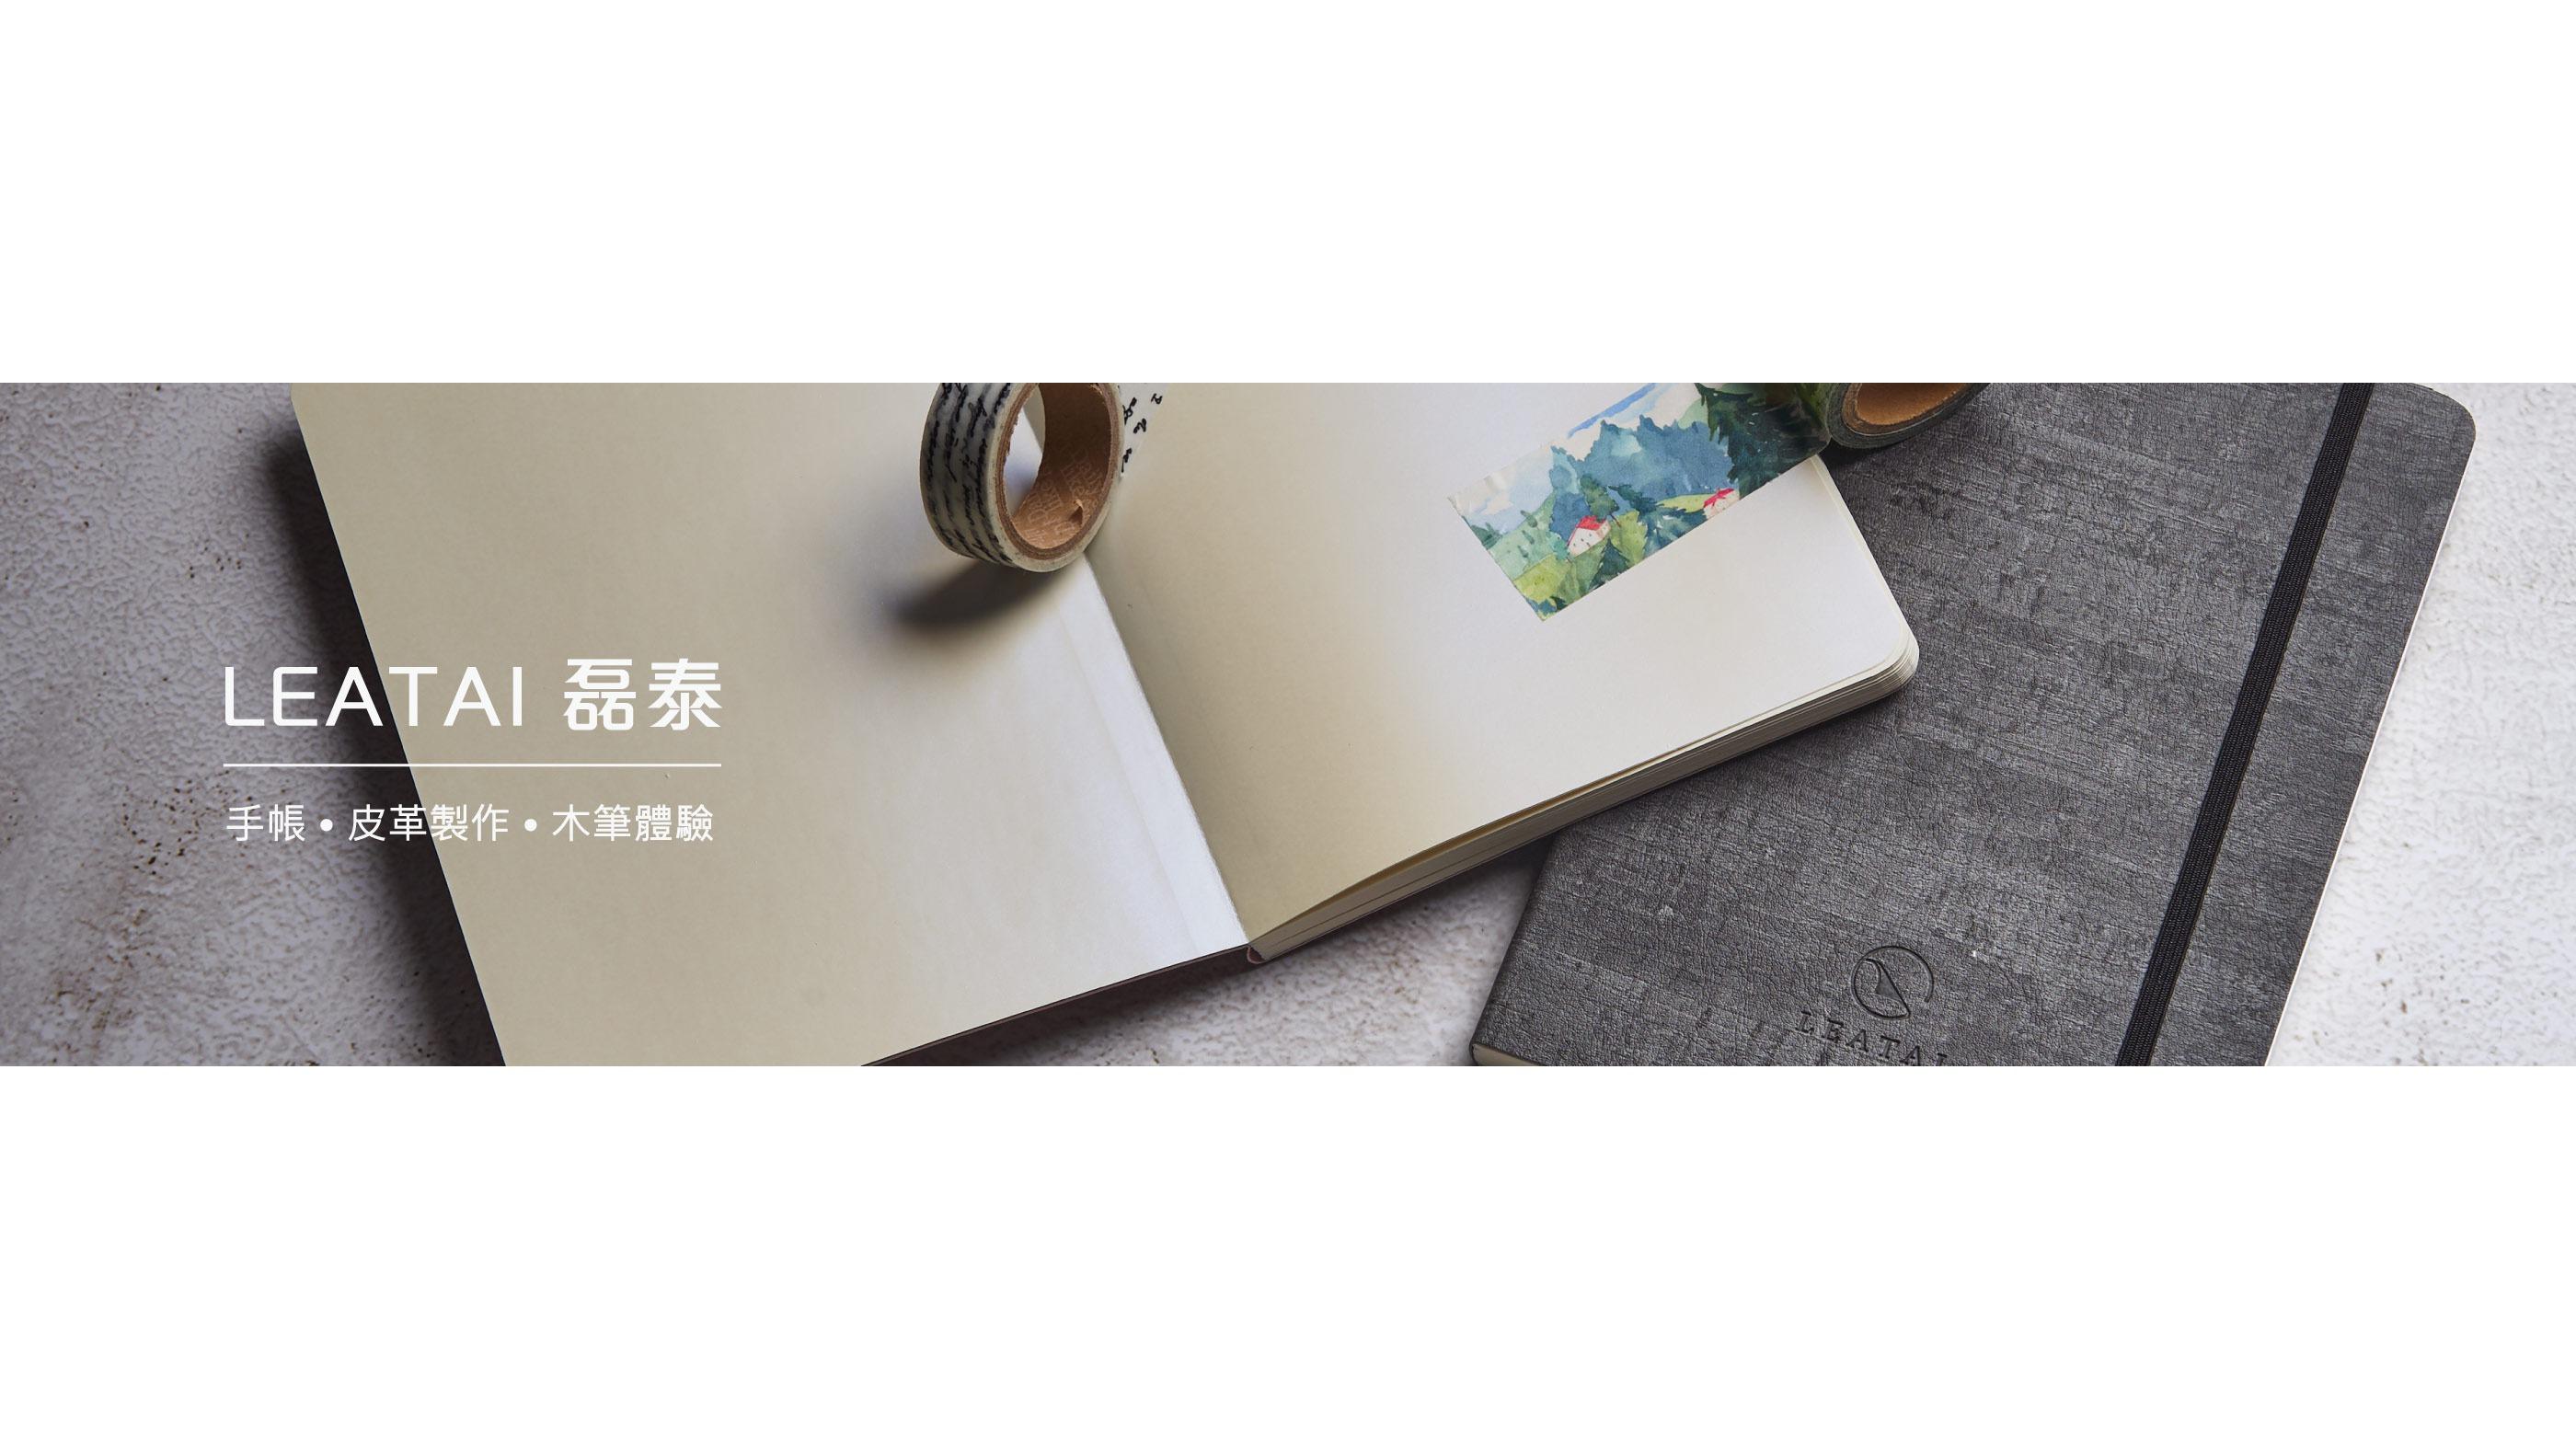 設計師品牌 - Leatai磊泰